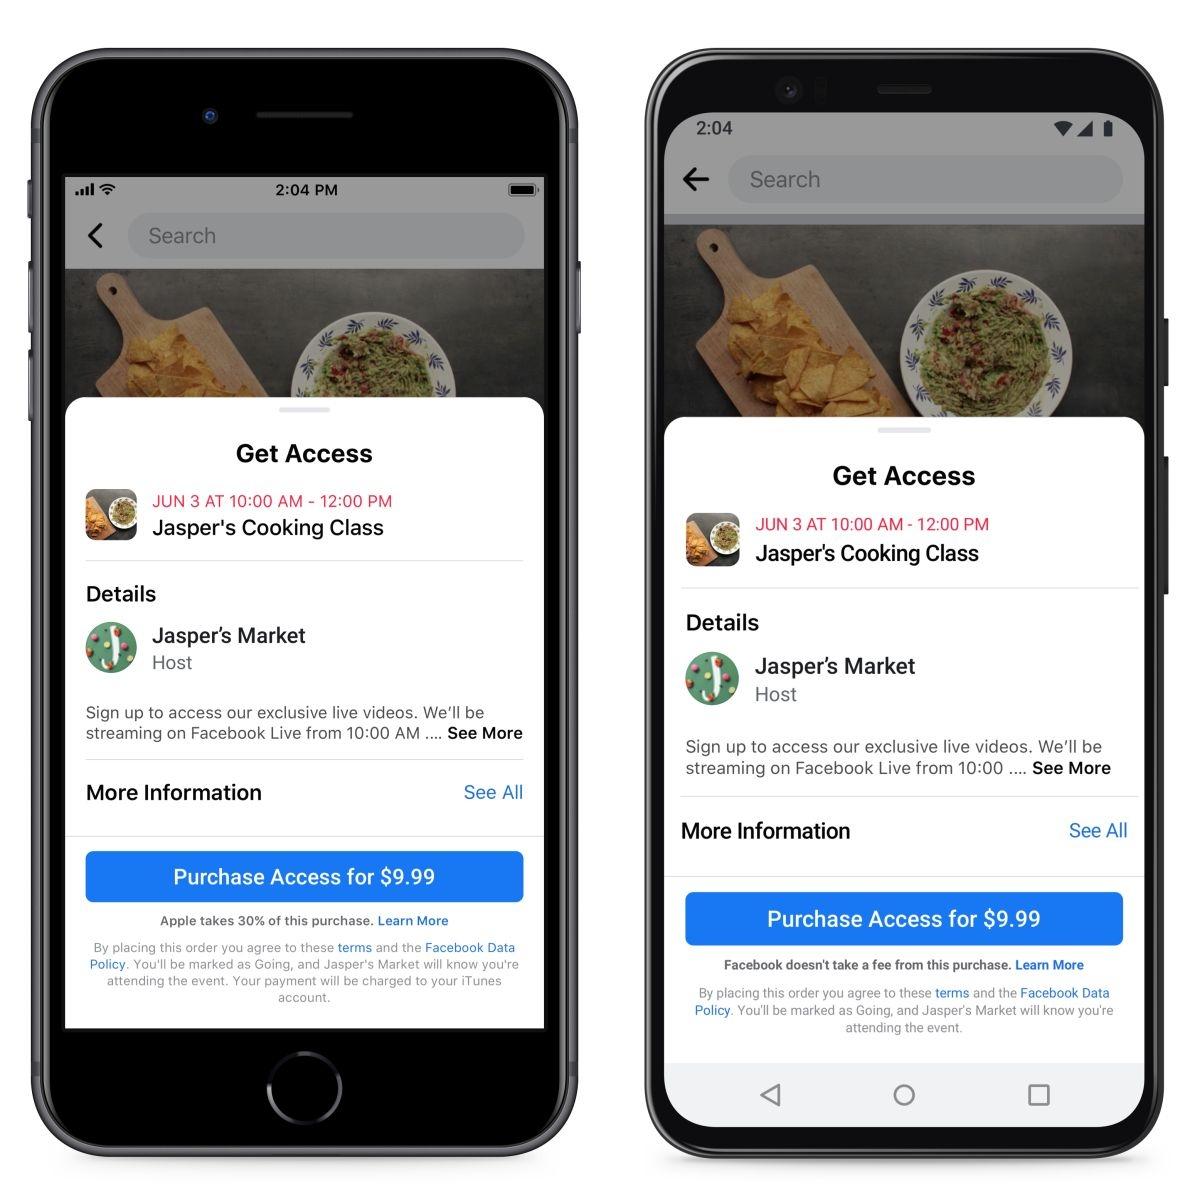 有料イベントの支払い画面。左がiOS端末で、右がAndroid端末。iOS端末ではAppleが30%の手数料を徴収することが明記されている (出典:Facebook)